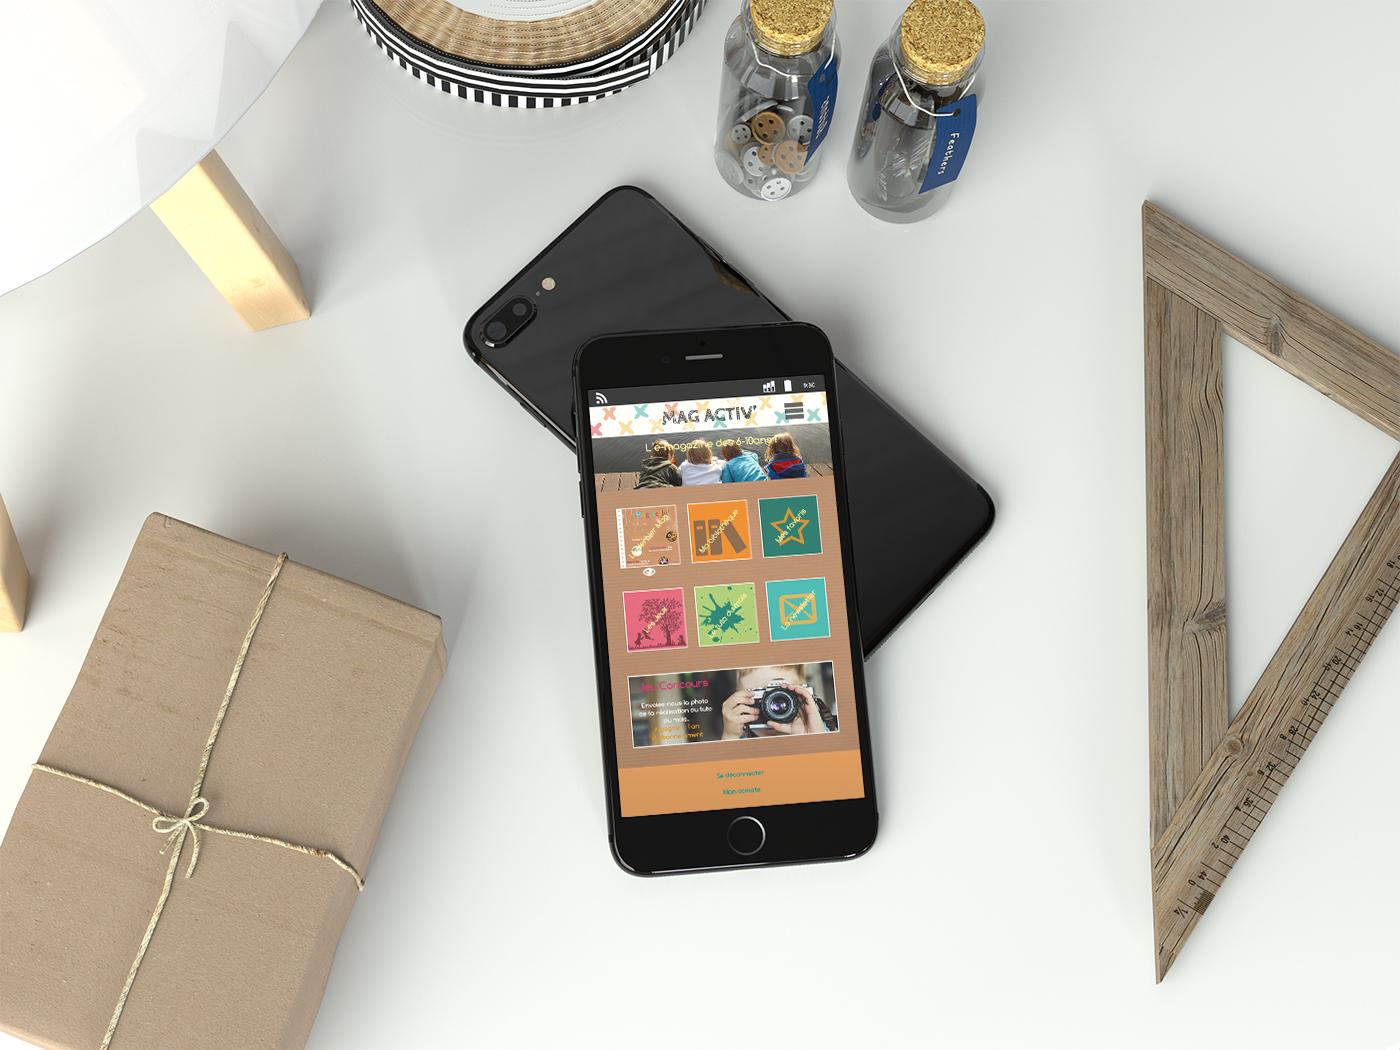 Mag Activ' – Design d'appli